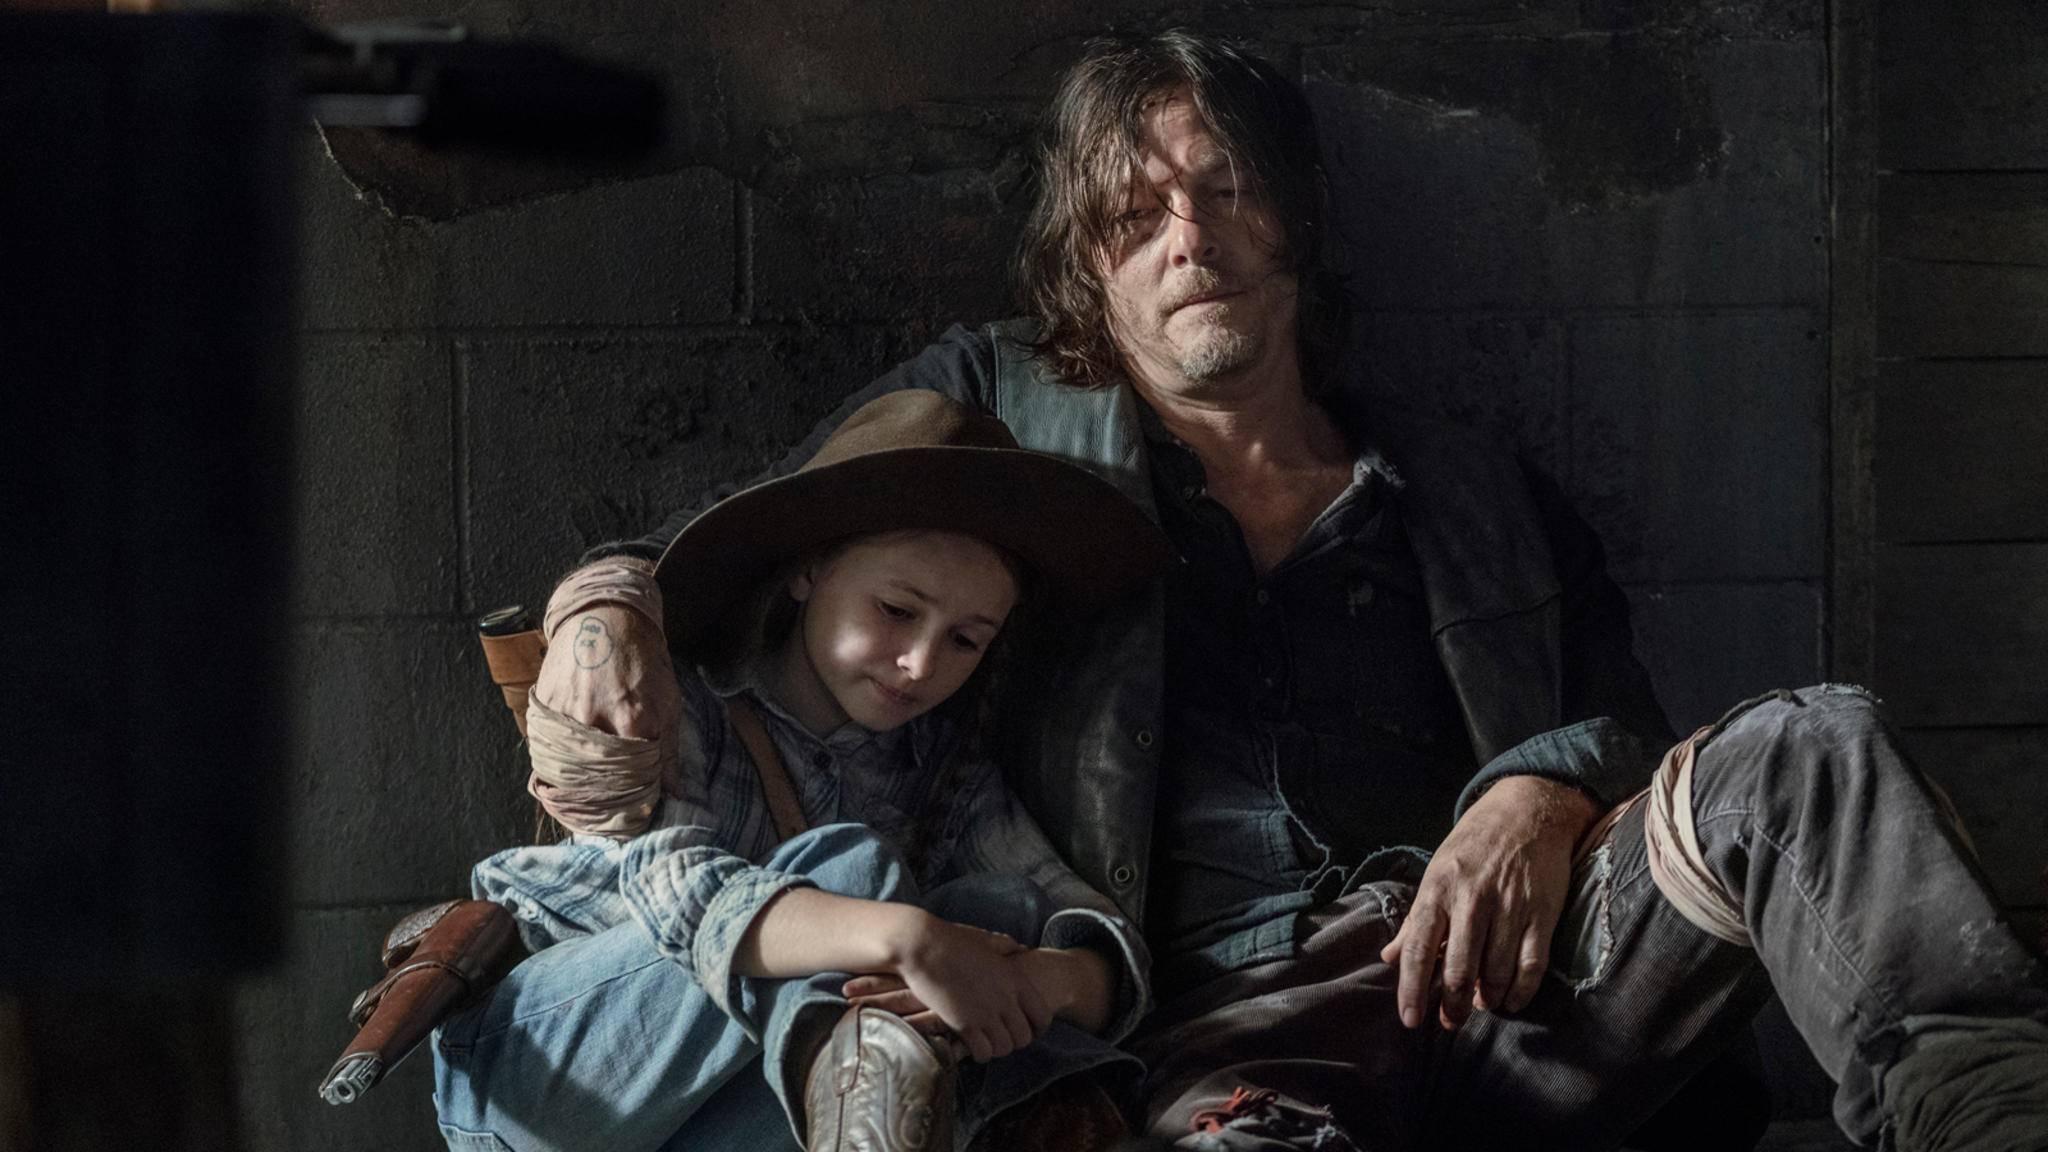 Die Rolle als Ersatz-Dad steht Daryl echt gut.